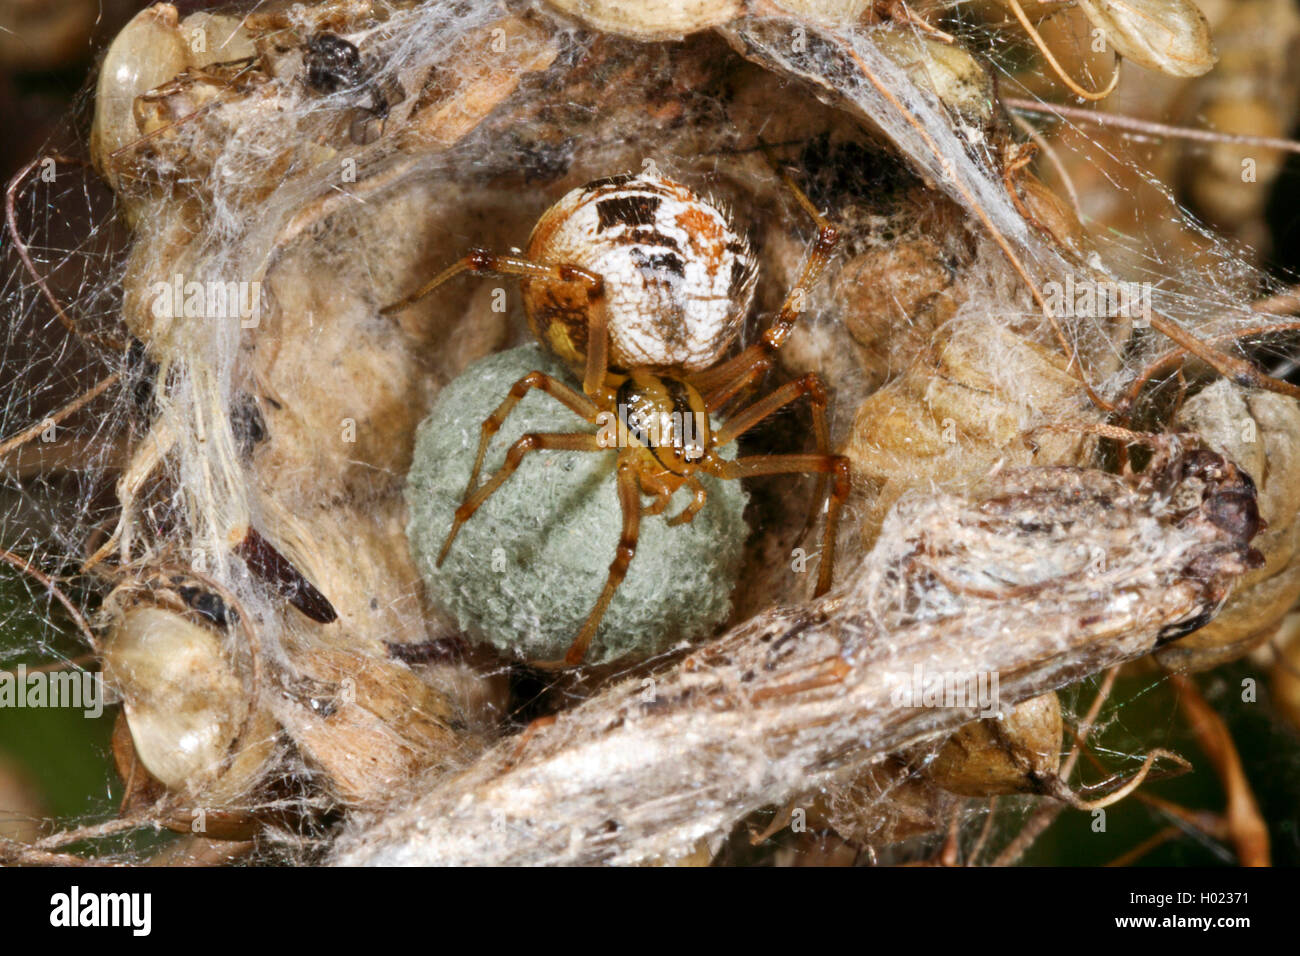 Braune Kugelspinne, Braunweisse Kugelspinne (Theridion impressum, Phylloneta impressa), Weibchen mit Eikokon, Deutschland - Stock Image